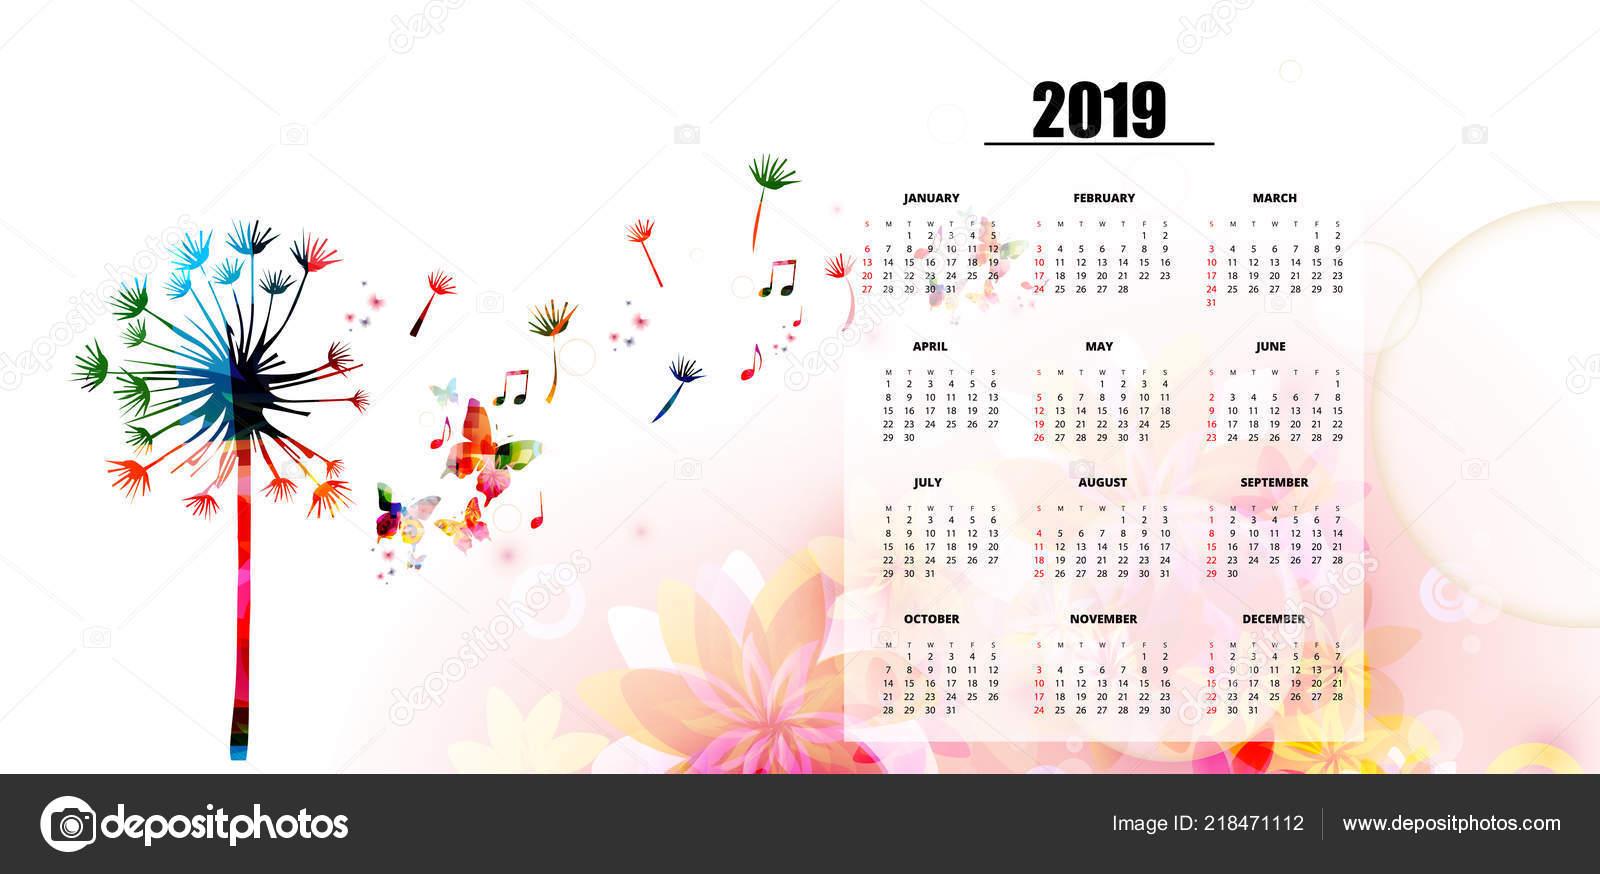 Calendario Con Note.Poster Calendario Anno 2019 Tema Musicale Con Tarassaco